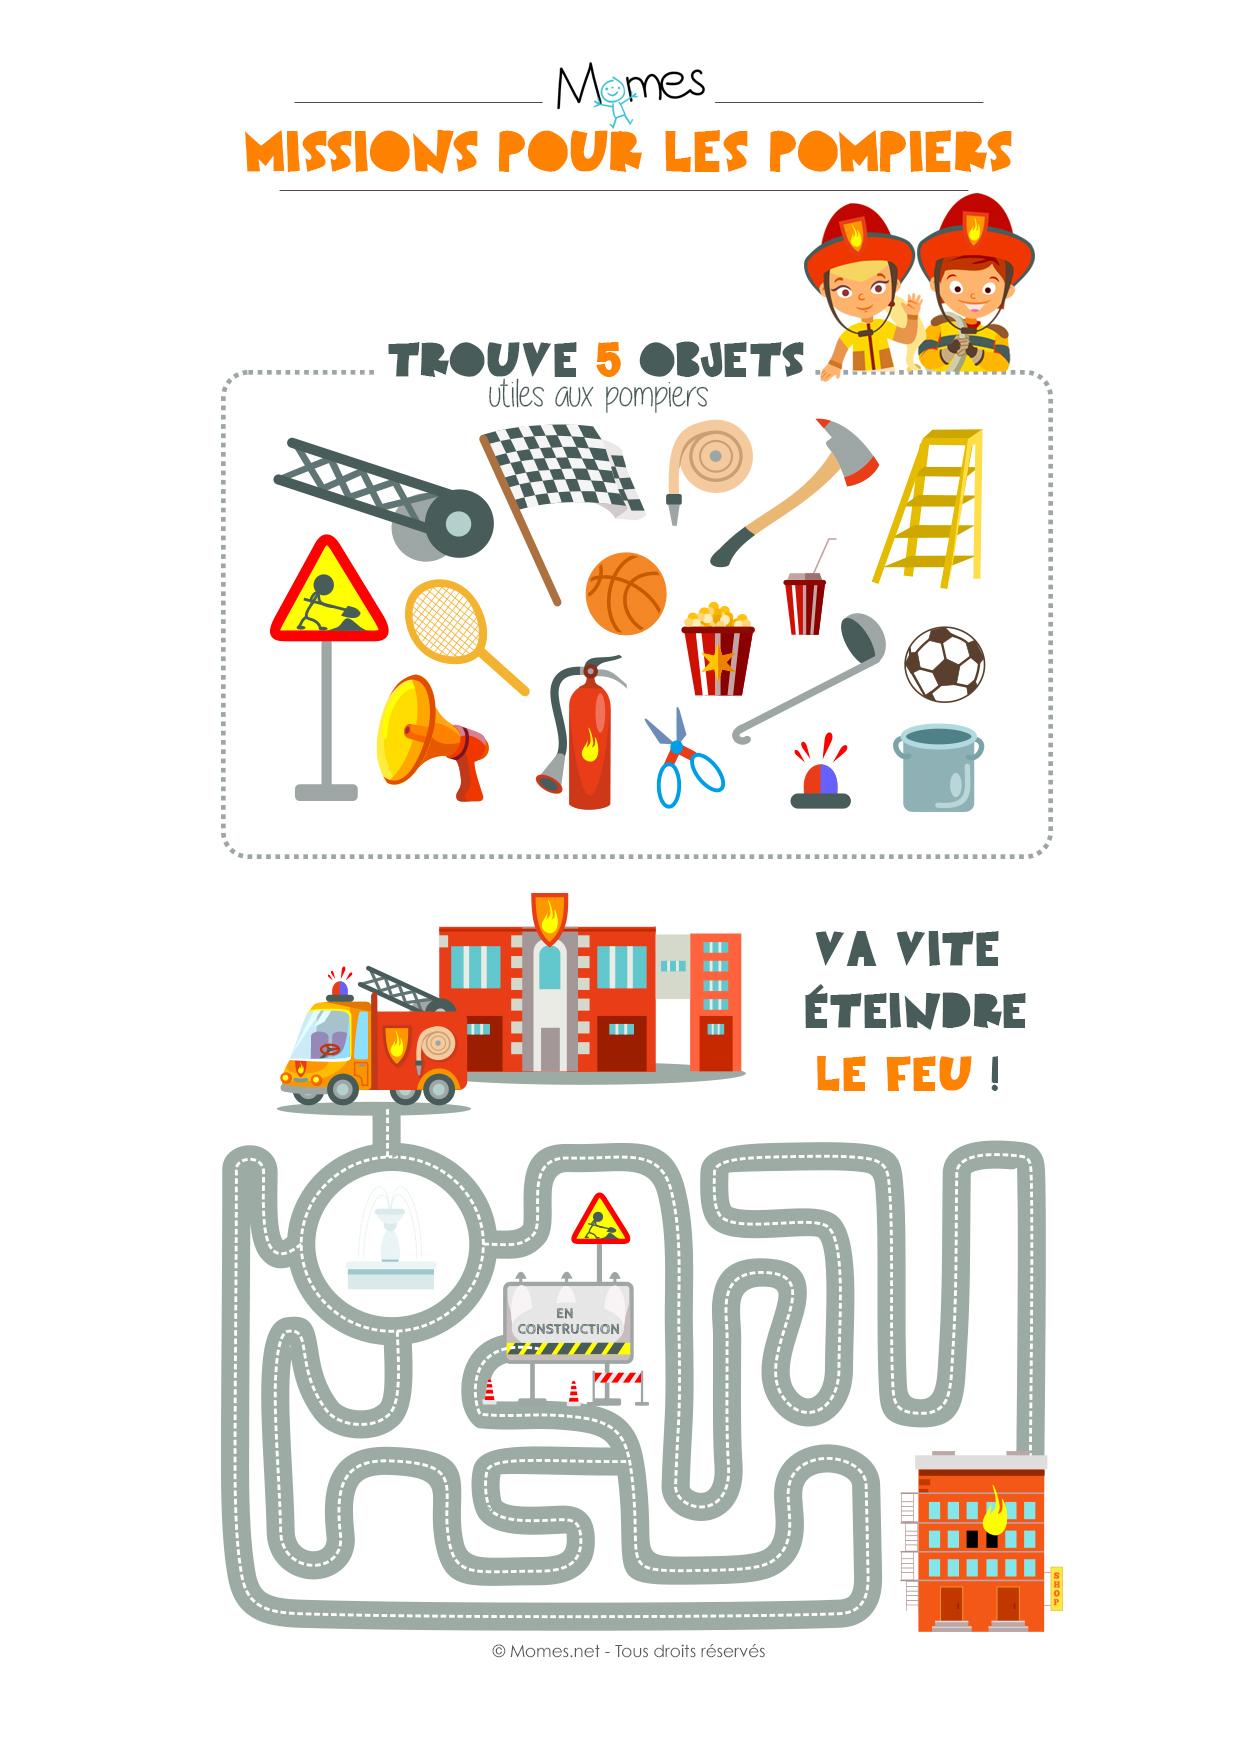 2 Missions Pour Les Pompiers - Momes pour Jeux Pour Enfant De 4 Ans